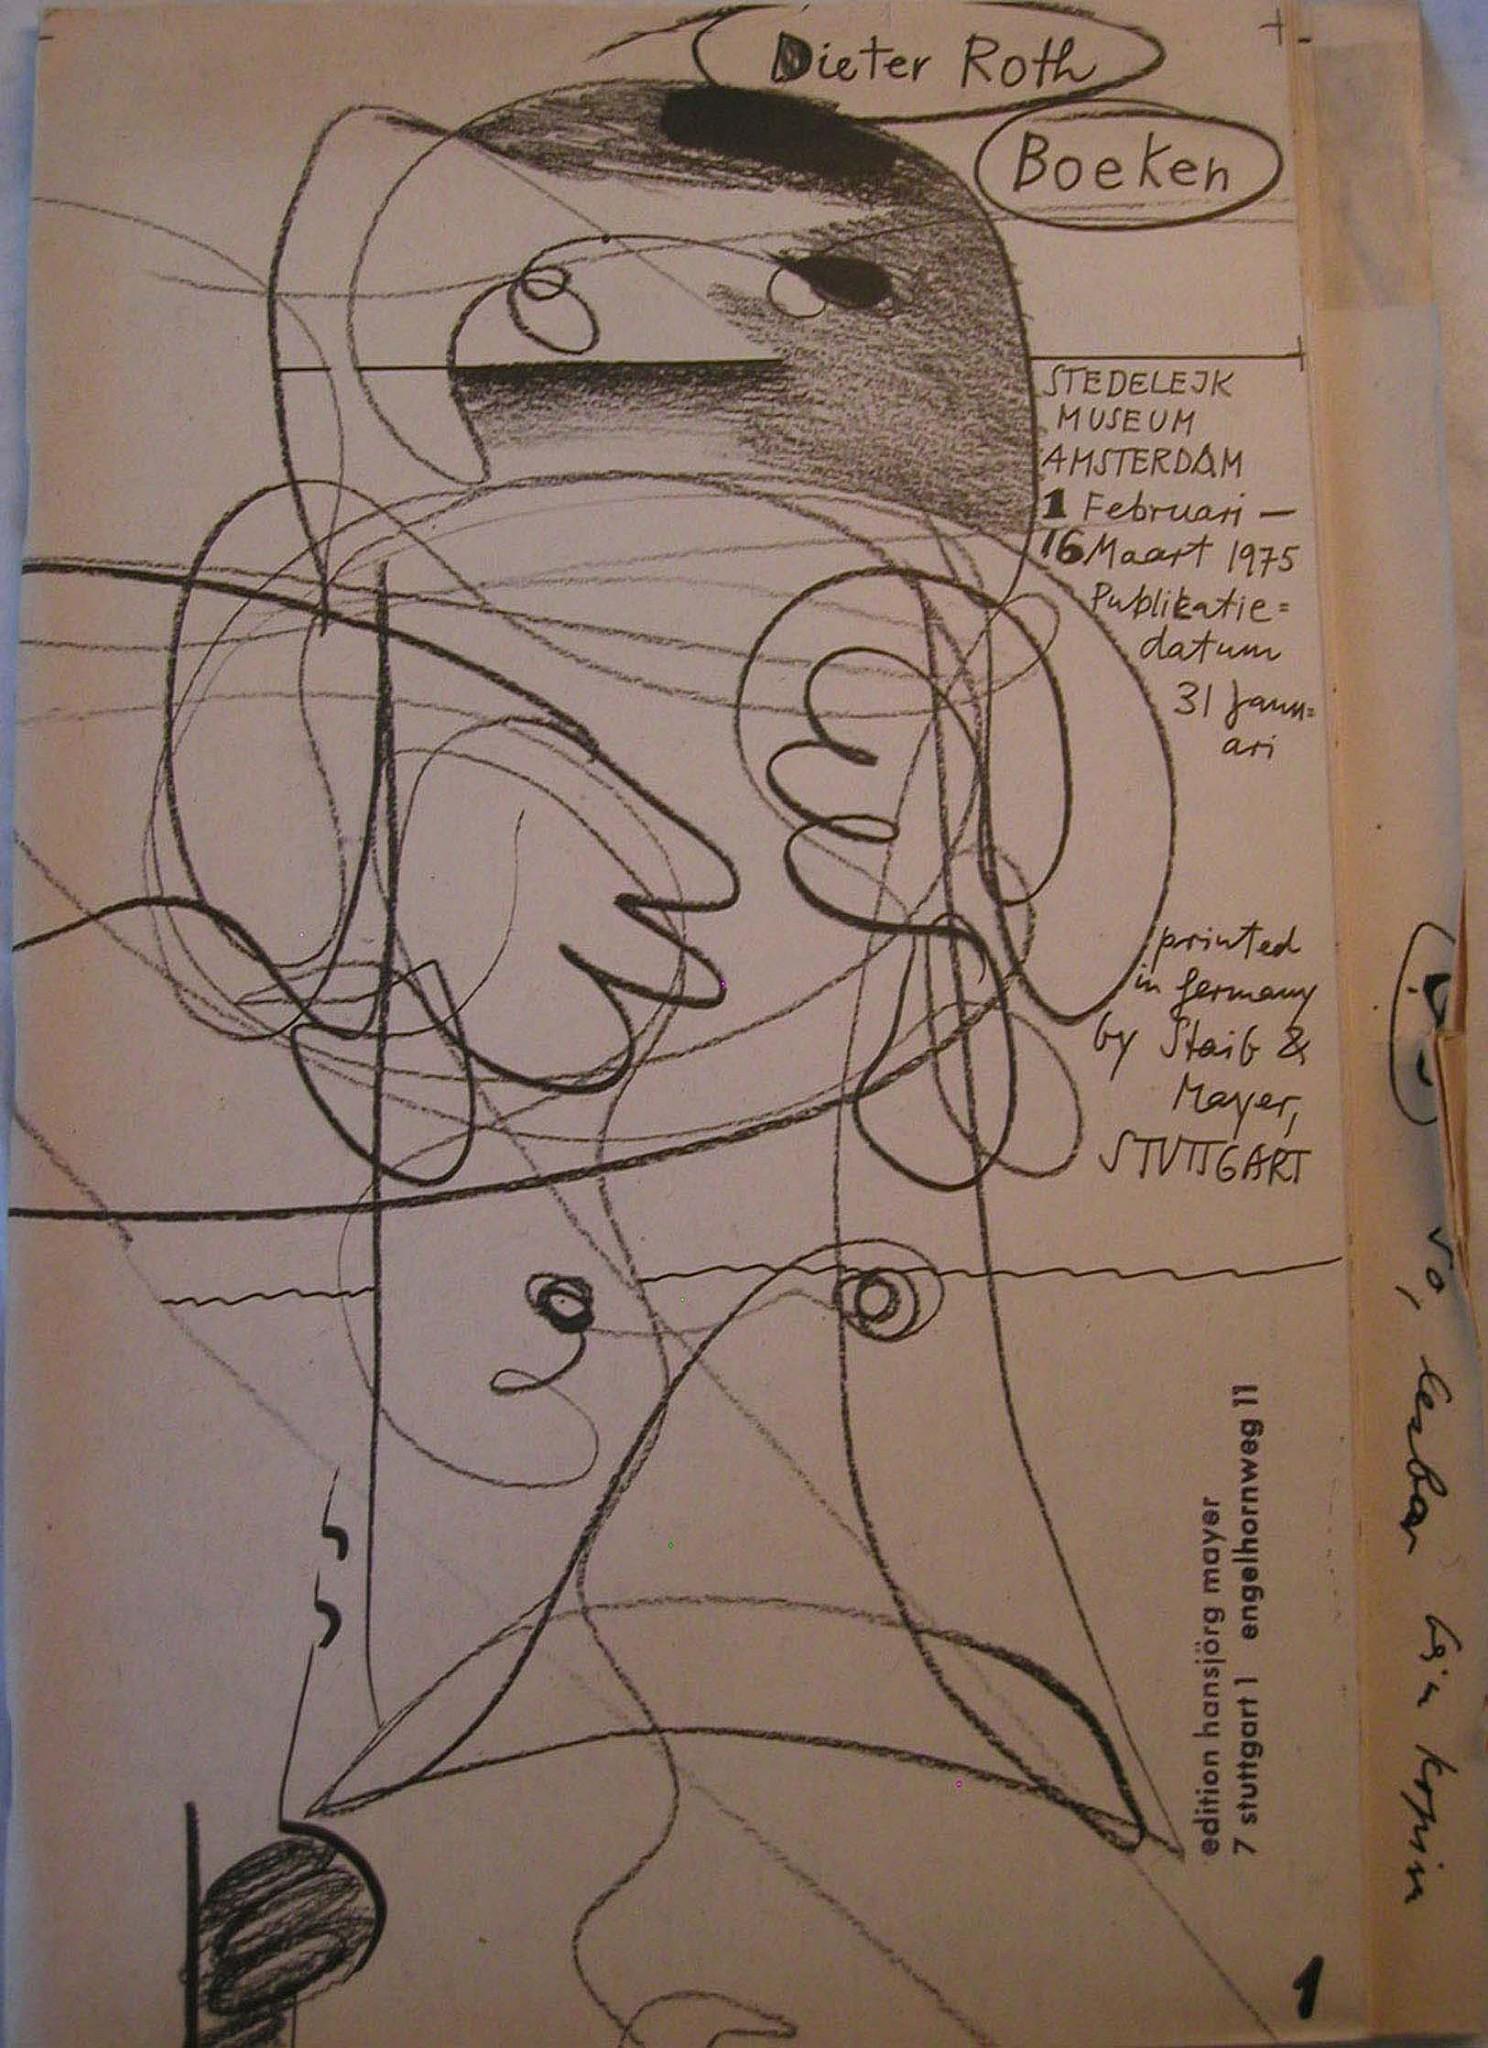 Dieter Roth Drawings Boeken 1975